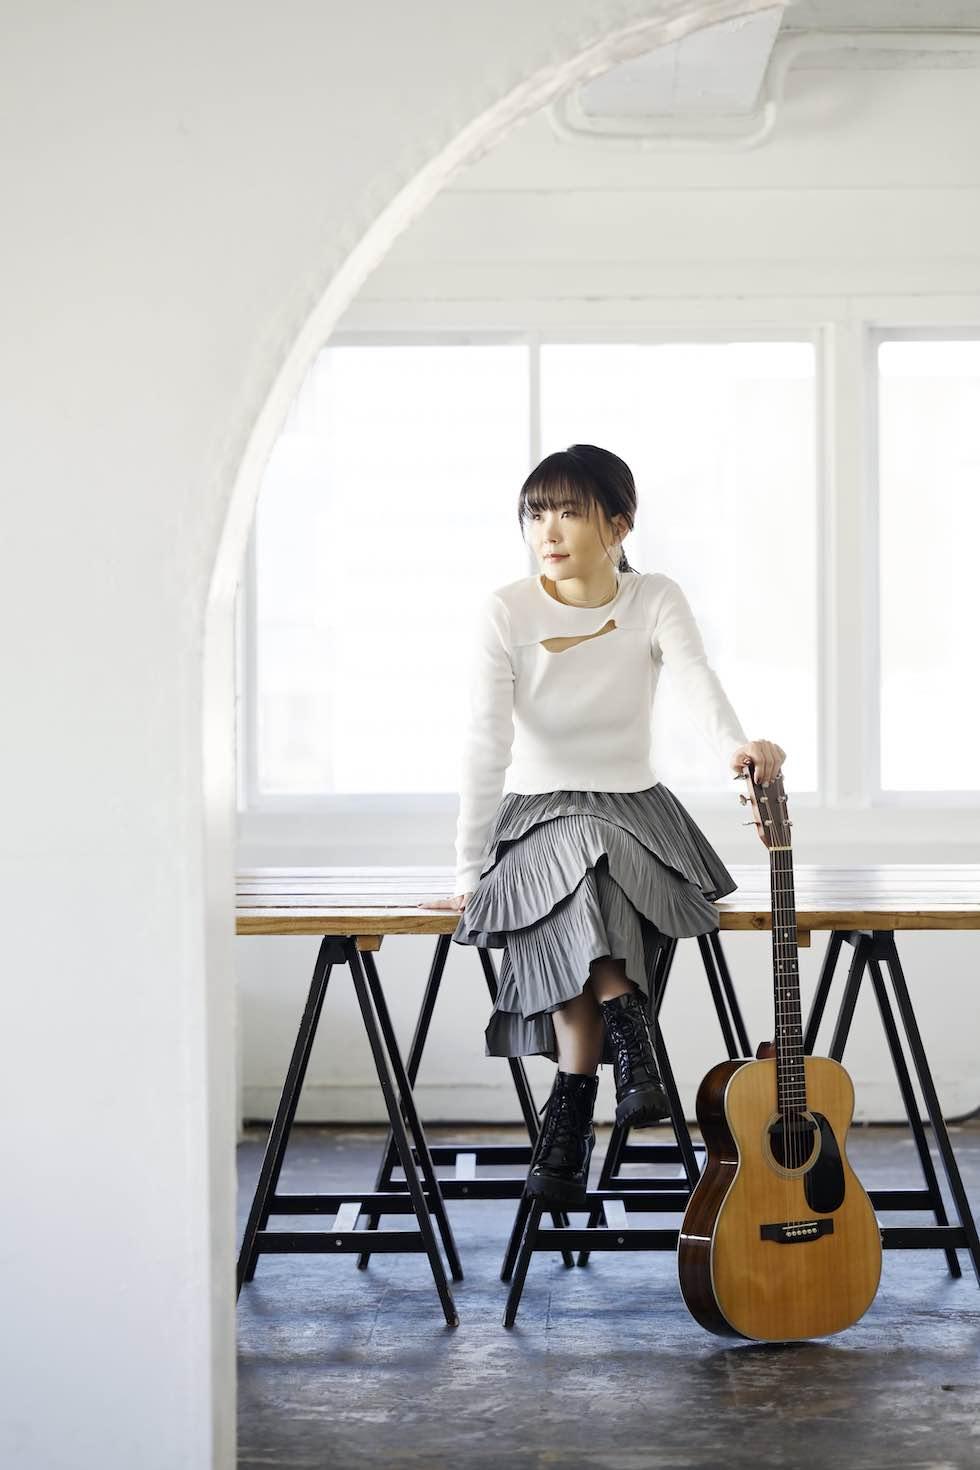 森恵、新曲「Proceed」が日本テレビ系「バゲット」3月エンディングテーマに決定!